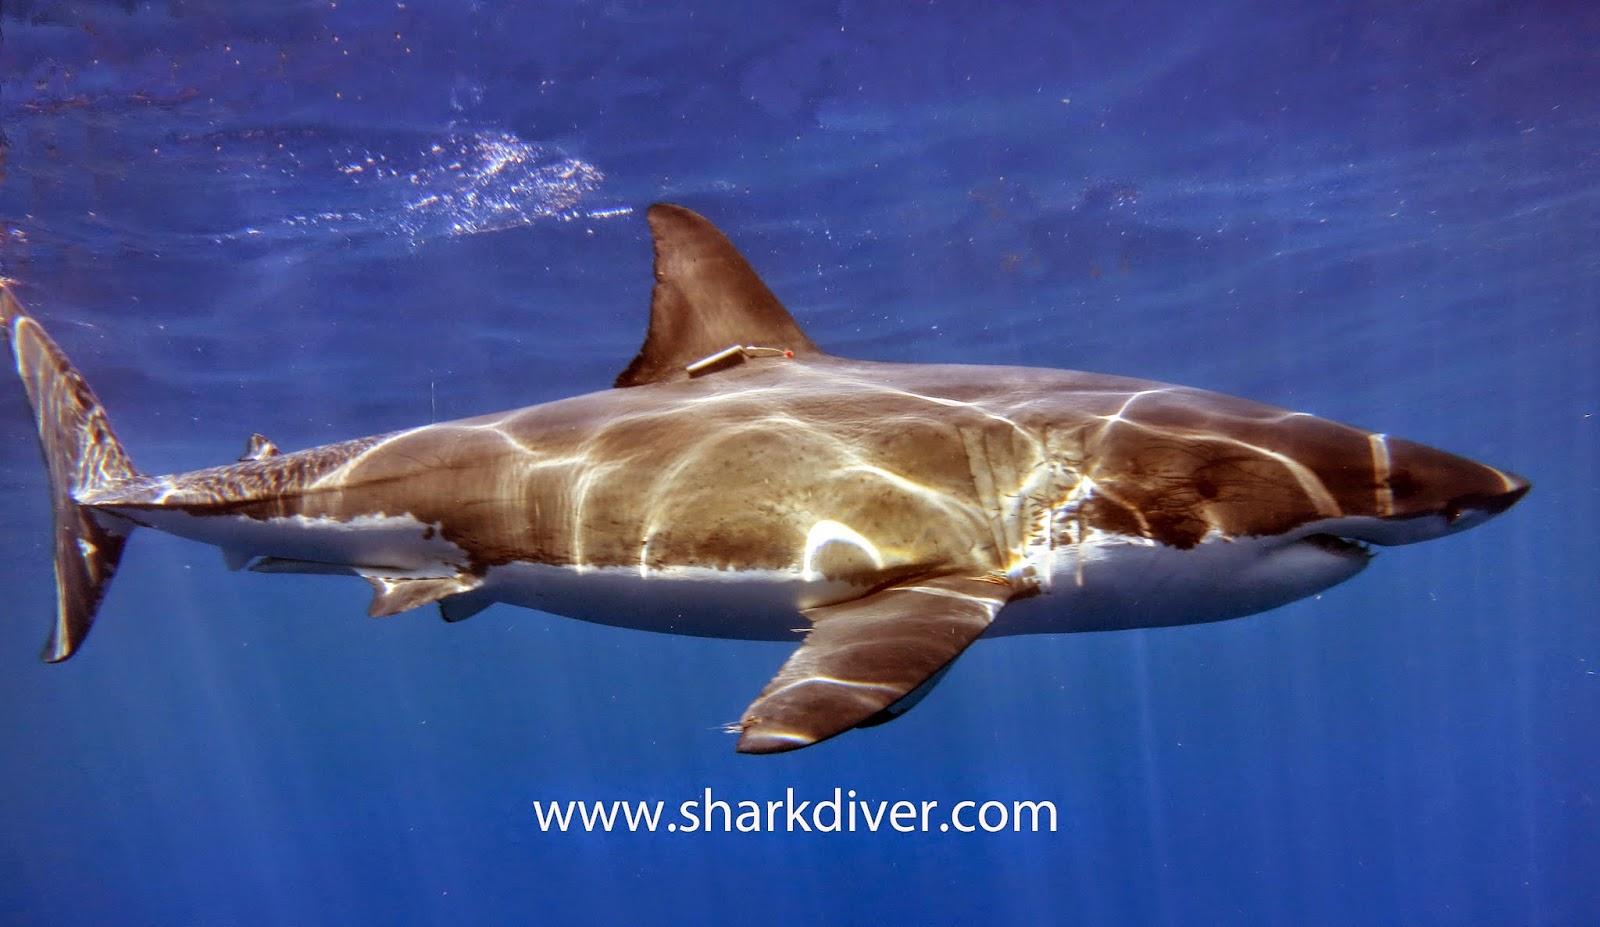 Compare Bull Shark vs Tiger Shark